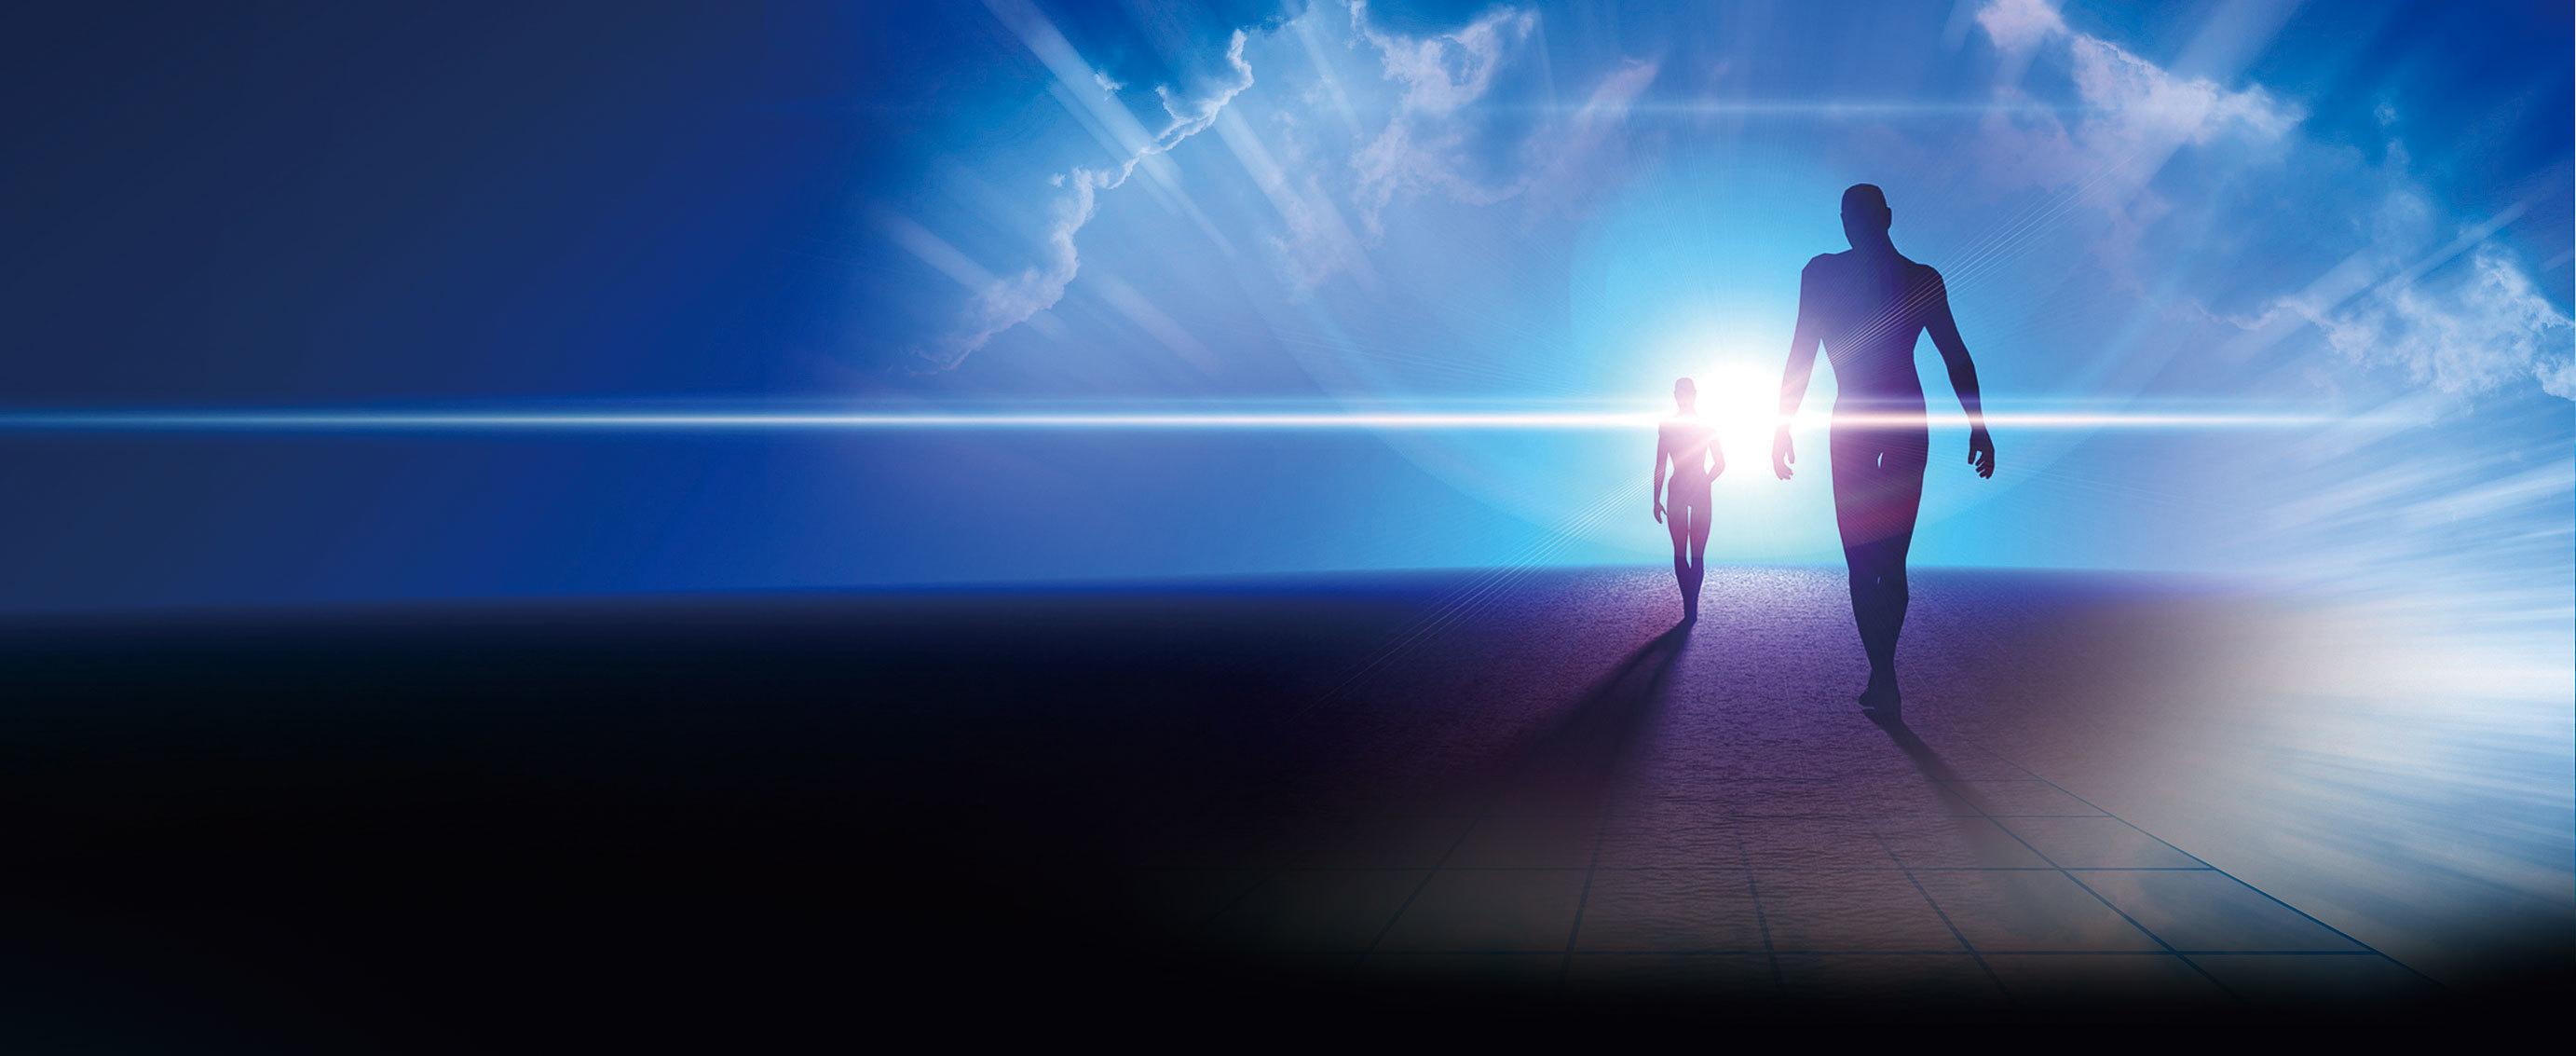 靈魂探索---人死並非如燈滅——「借屍還魂」60年麥寮婦辭世